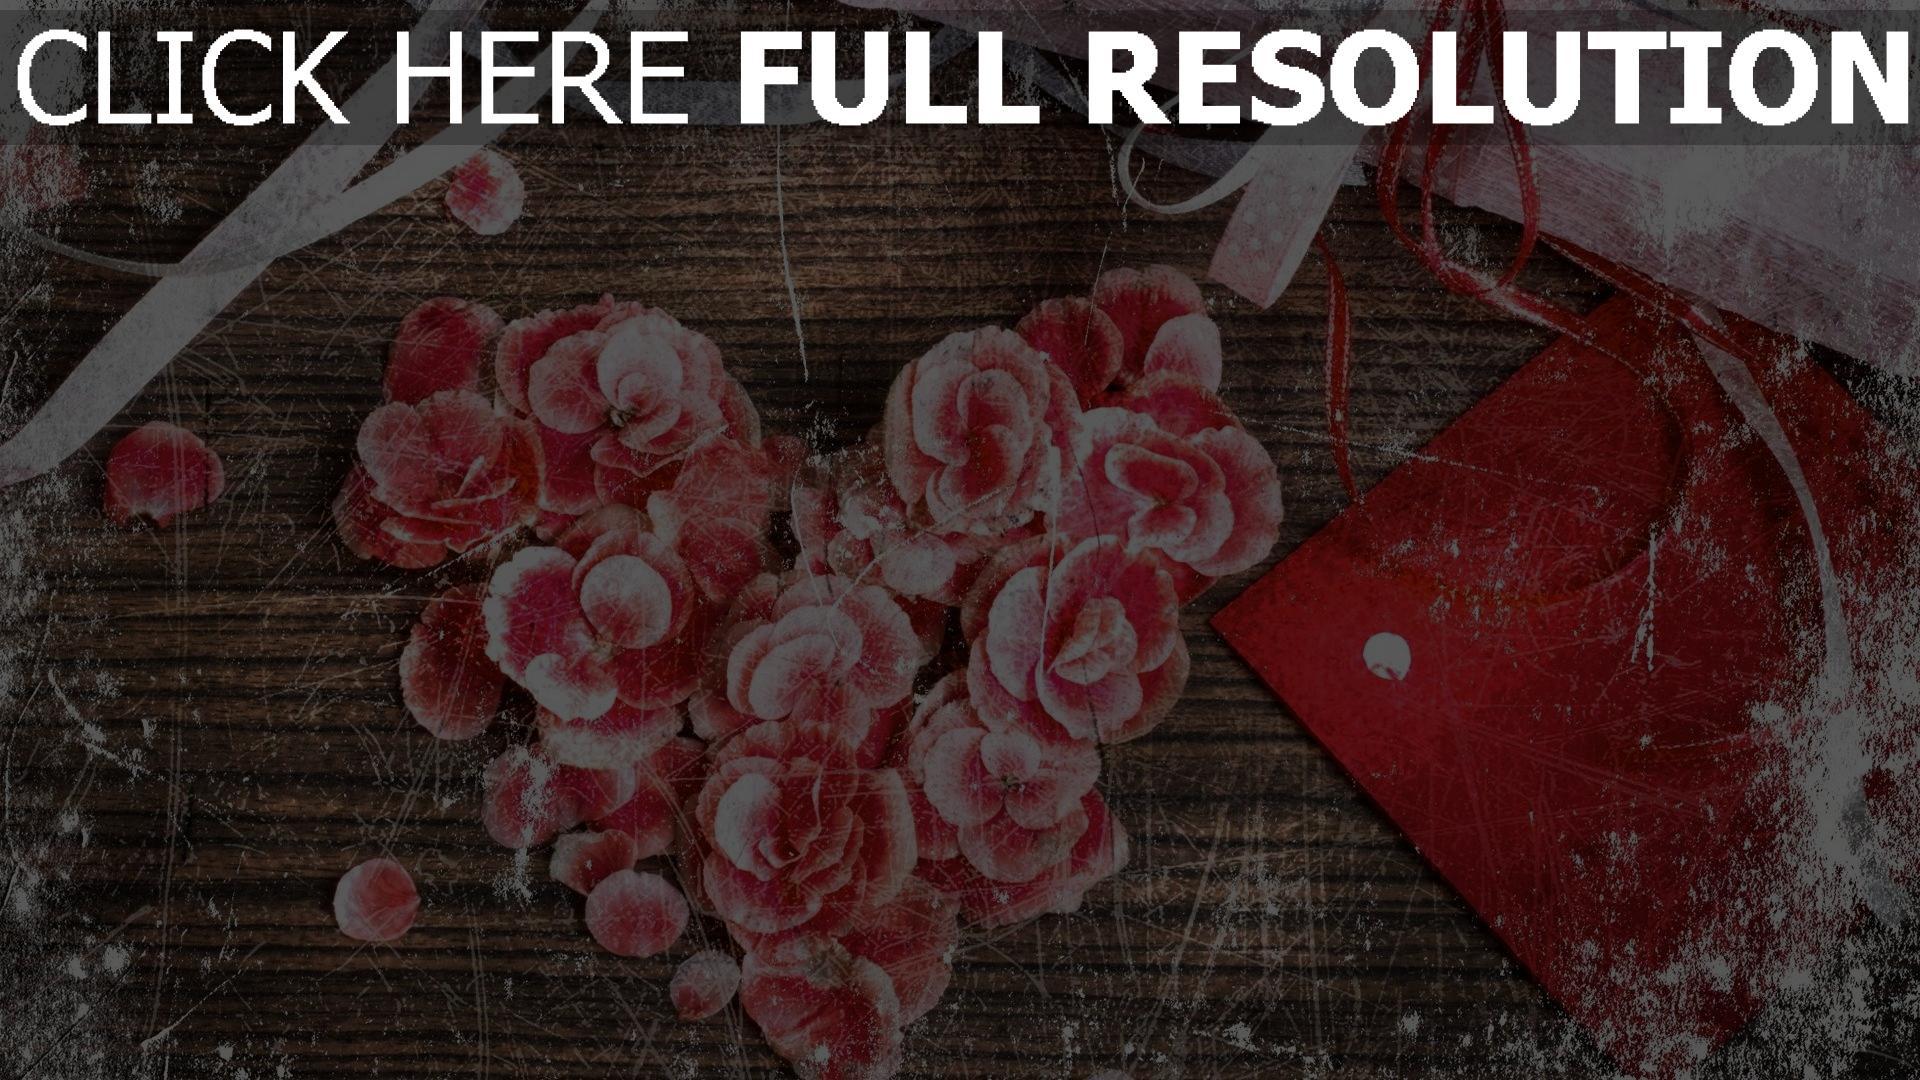 Herunterladen Hd Hintergrundbilder Valentinstag Romanze Herz Valentine  Petals ...